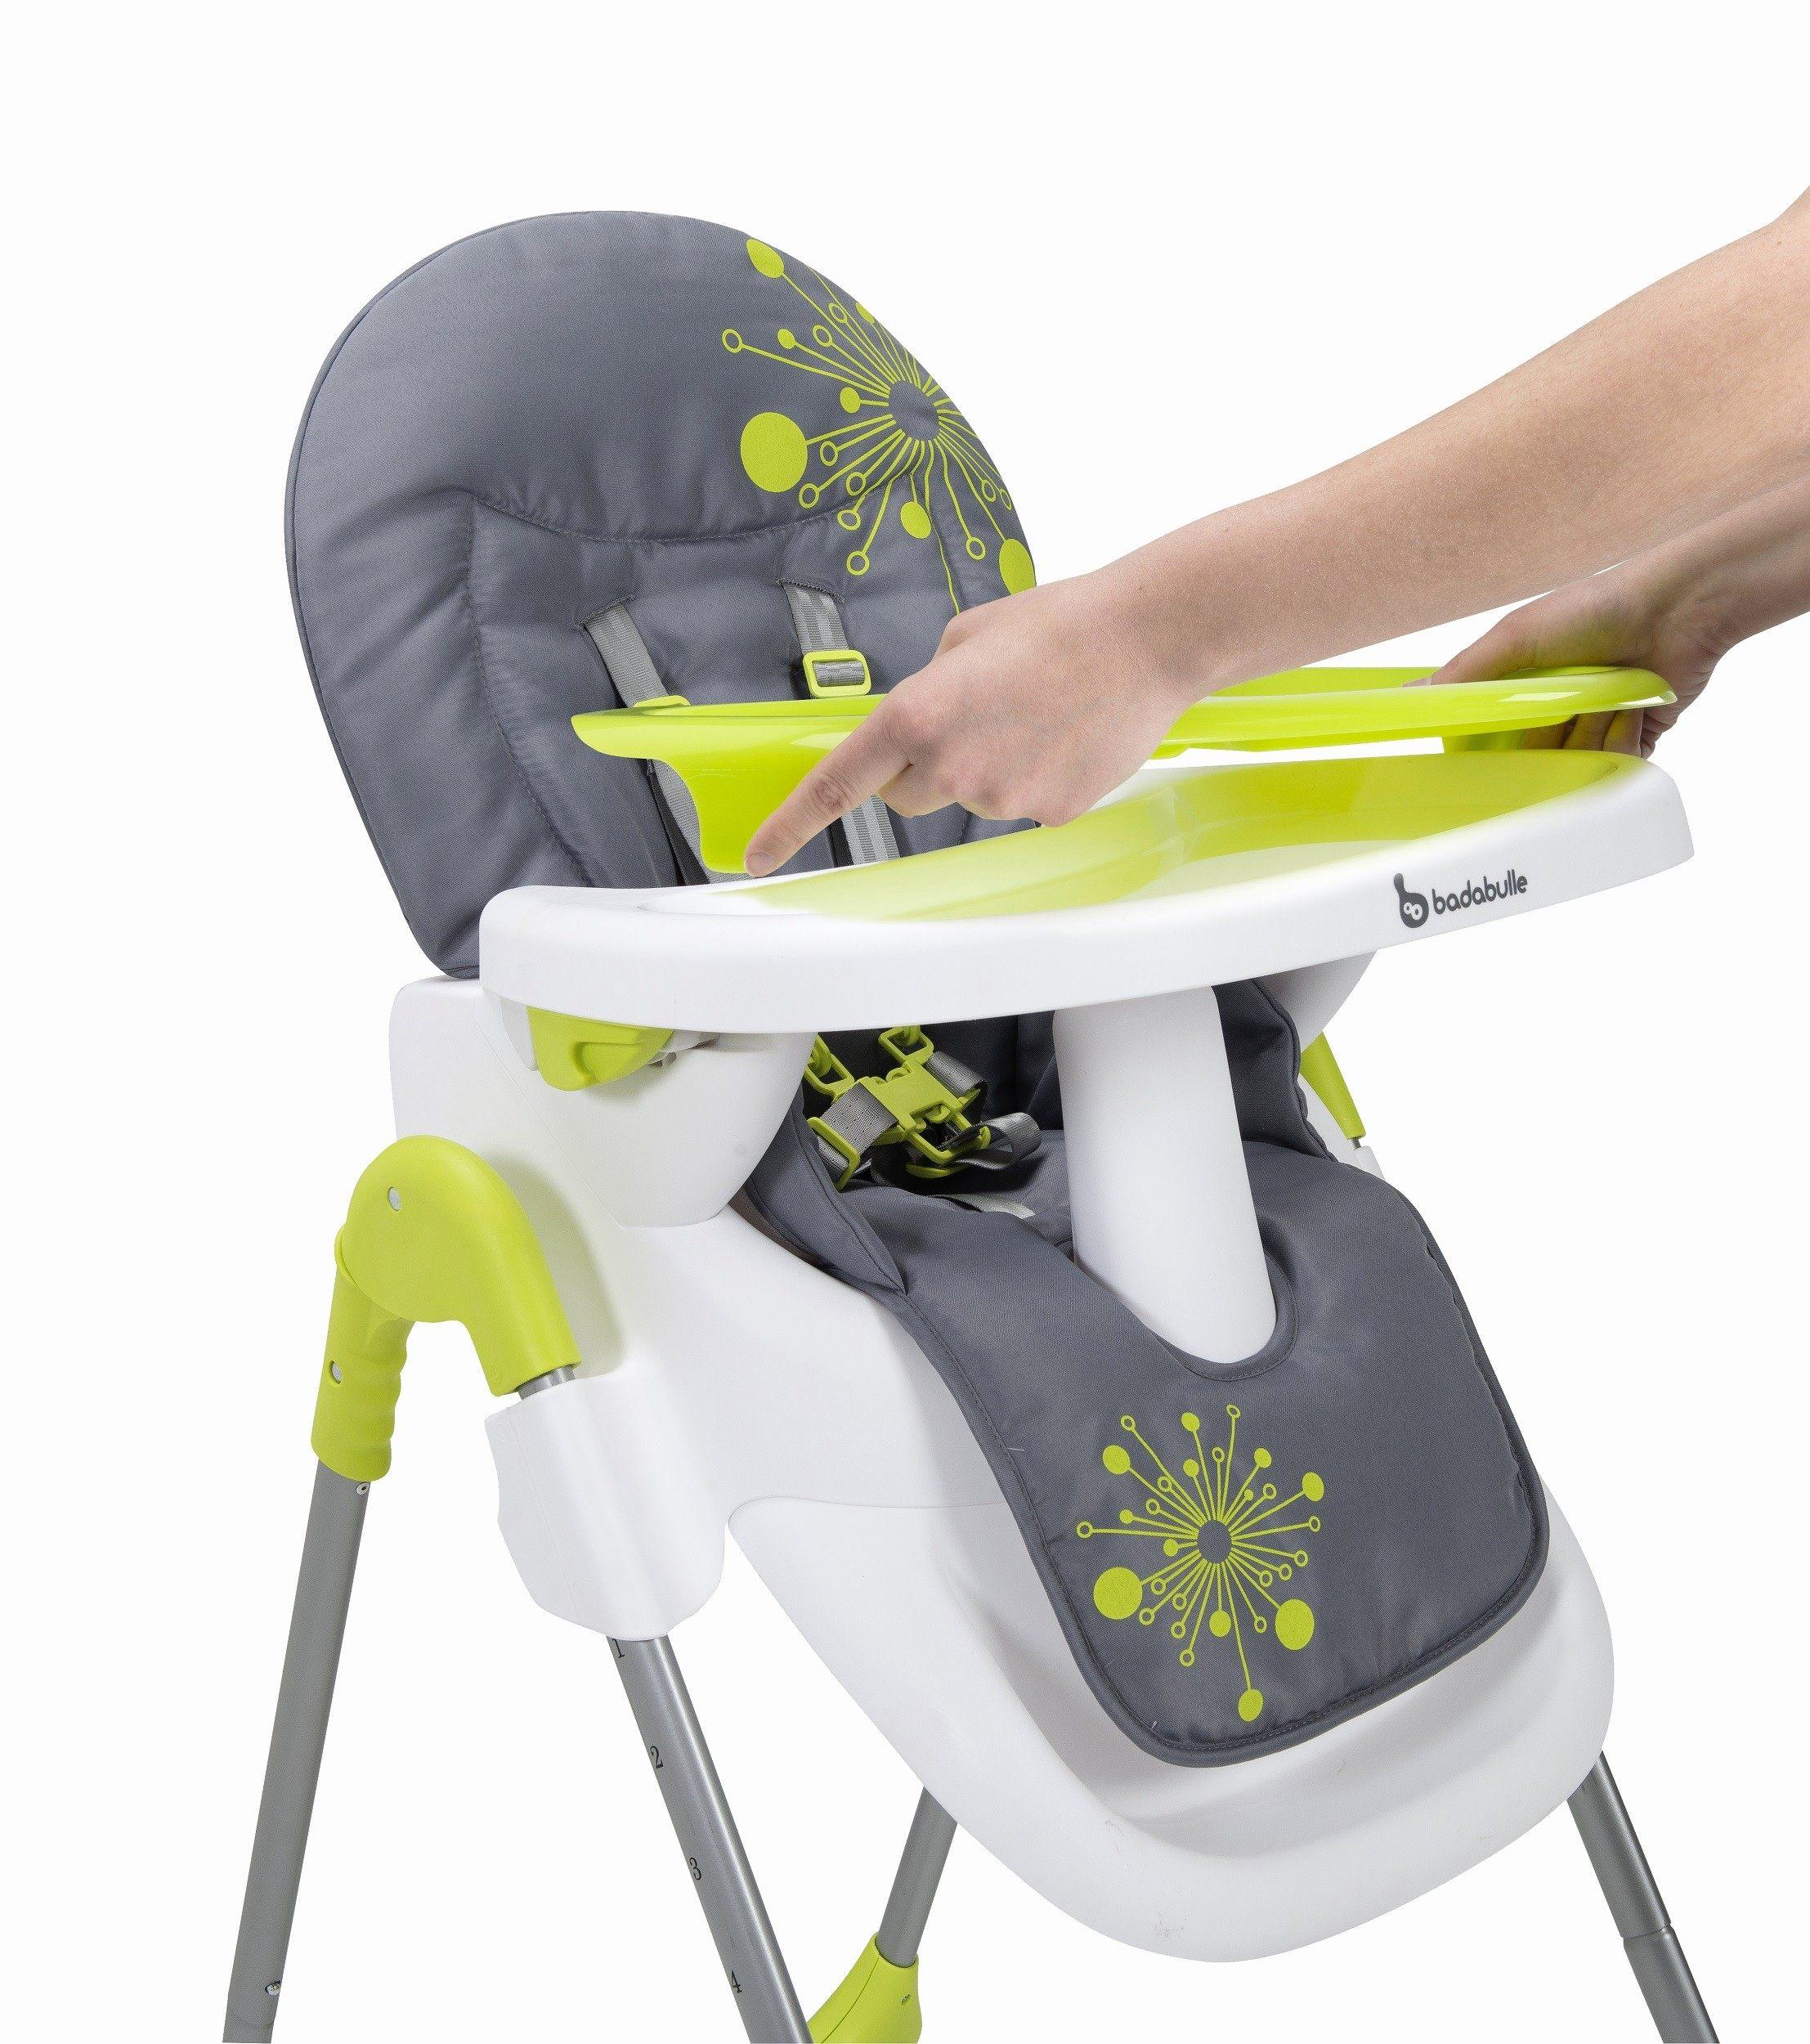 Lit Pliable Bébé Meilleur De Baignoire Bébé Pliante Elegant Lit Parapluie Carrefour Pour Bébé Lit